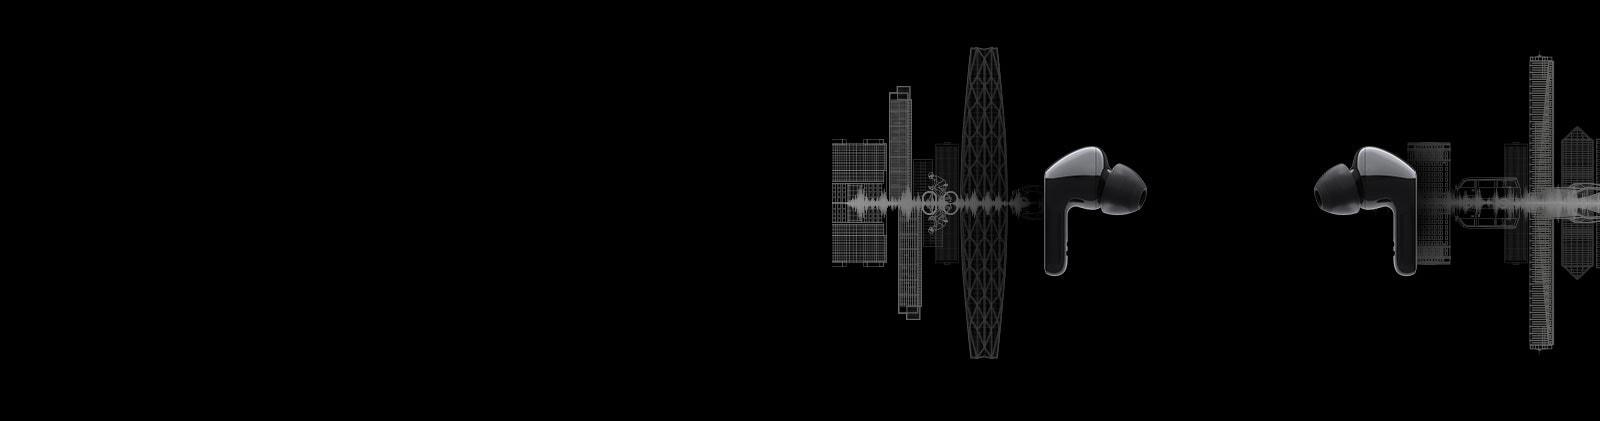 Imagen de dos audífonos uno frente al otro y una silueta de un paisaje urbano se ilustra detrás de cada audífono